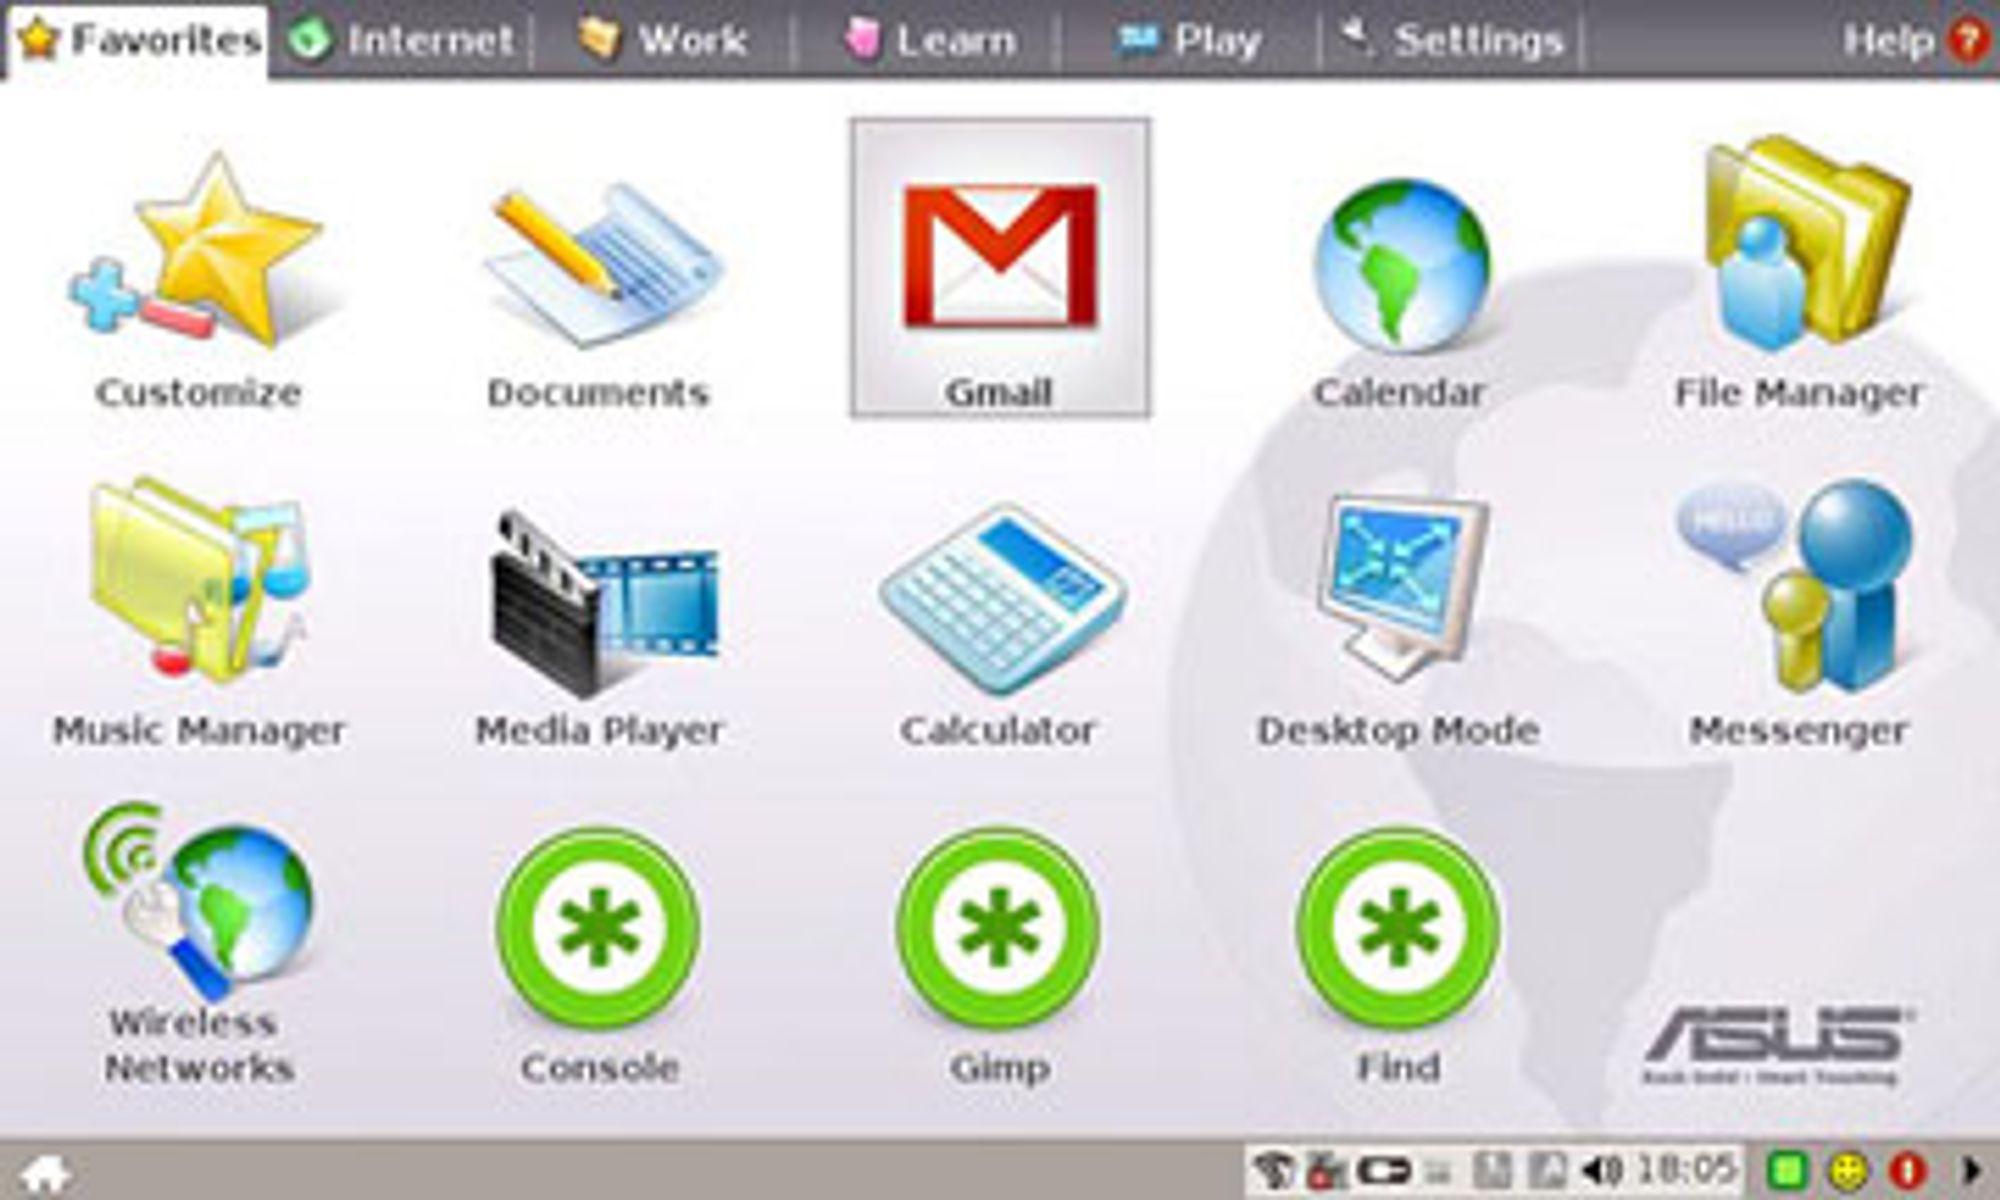 Skjermbilde fra Linux-distribusjonen til Asus Eee PC 701